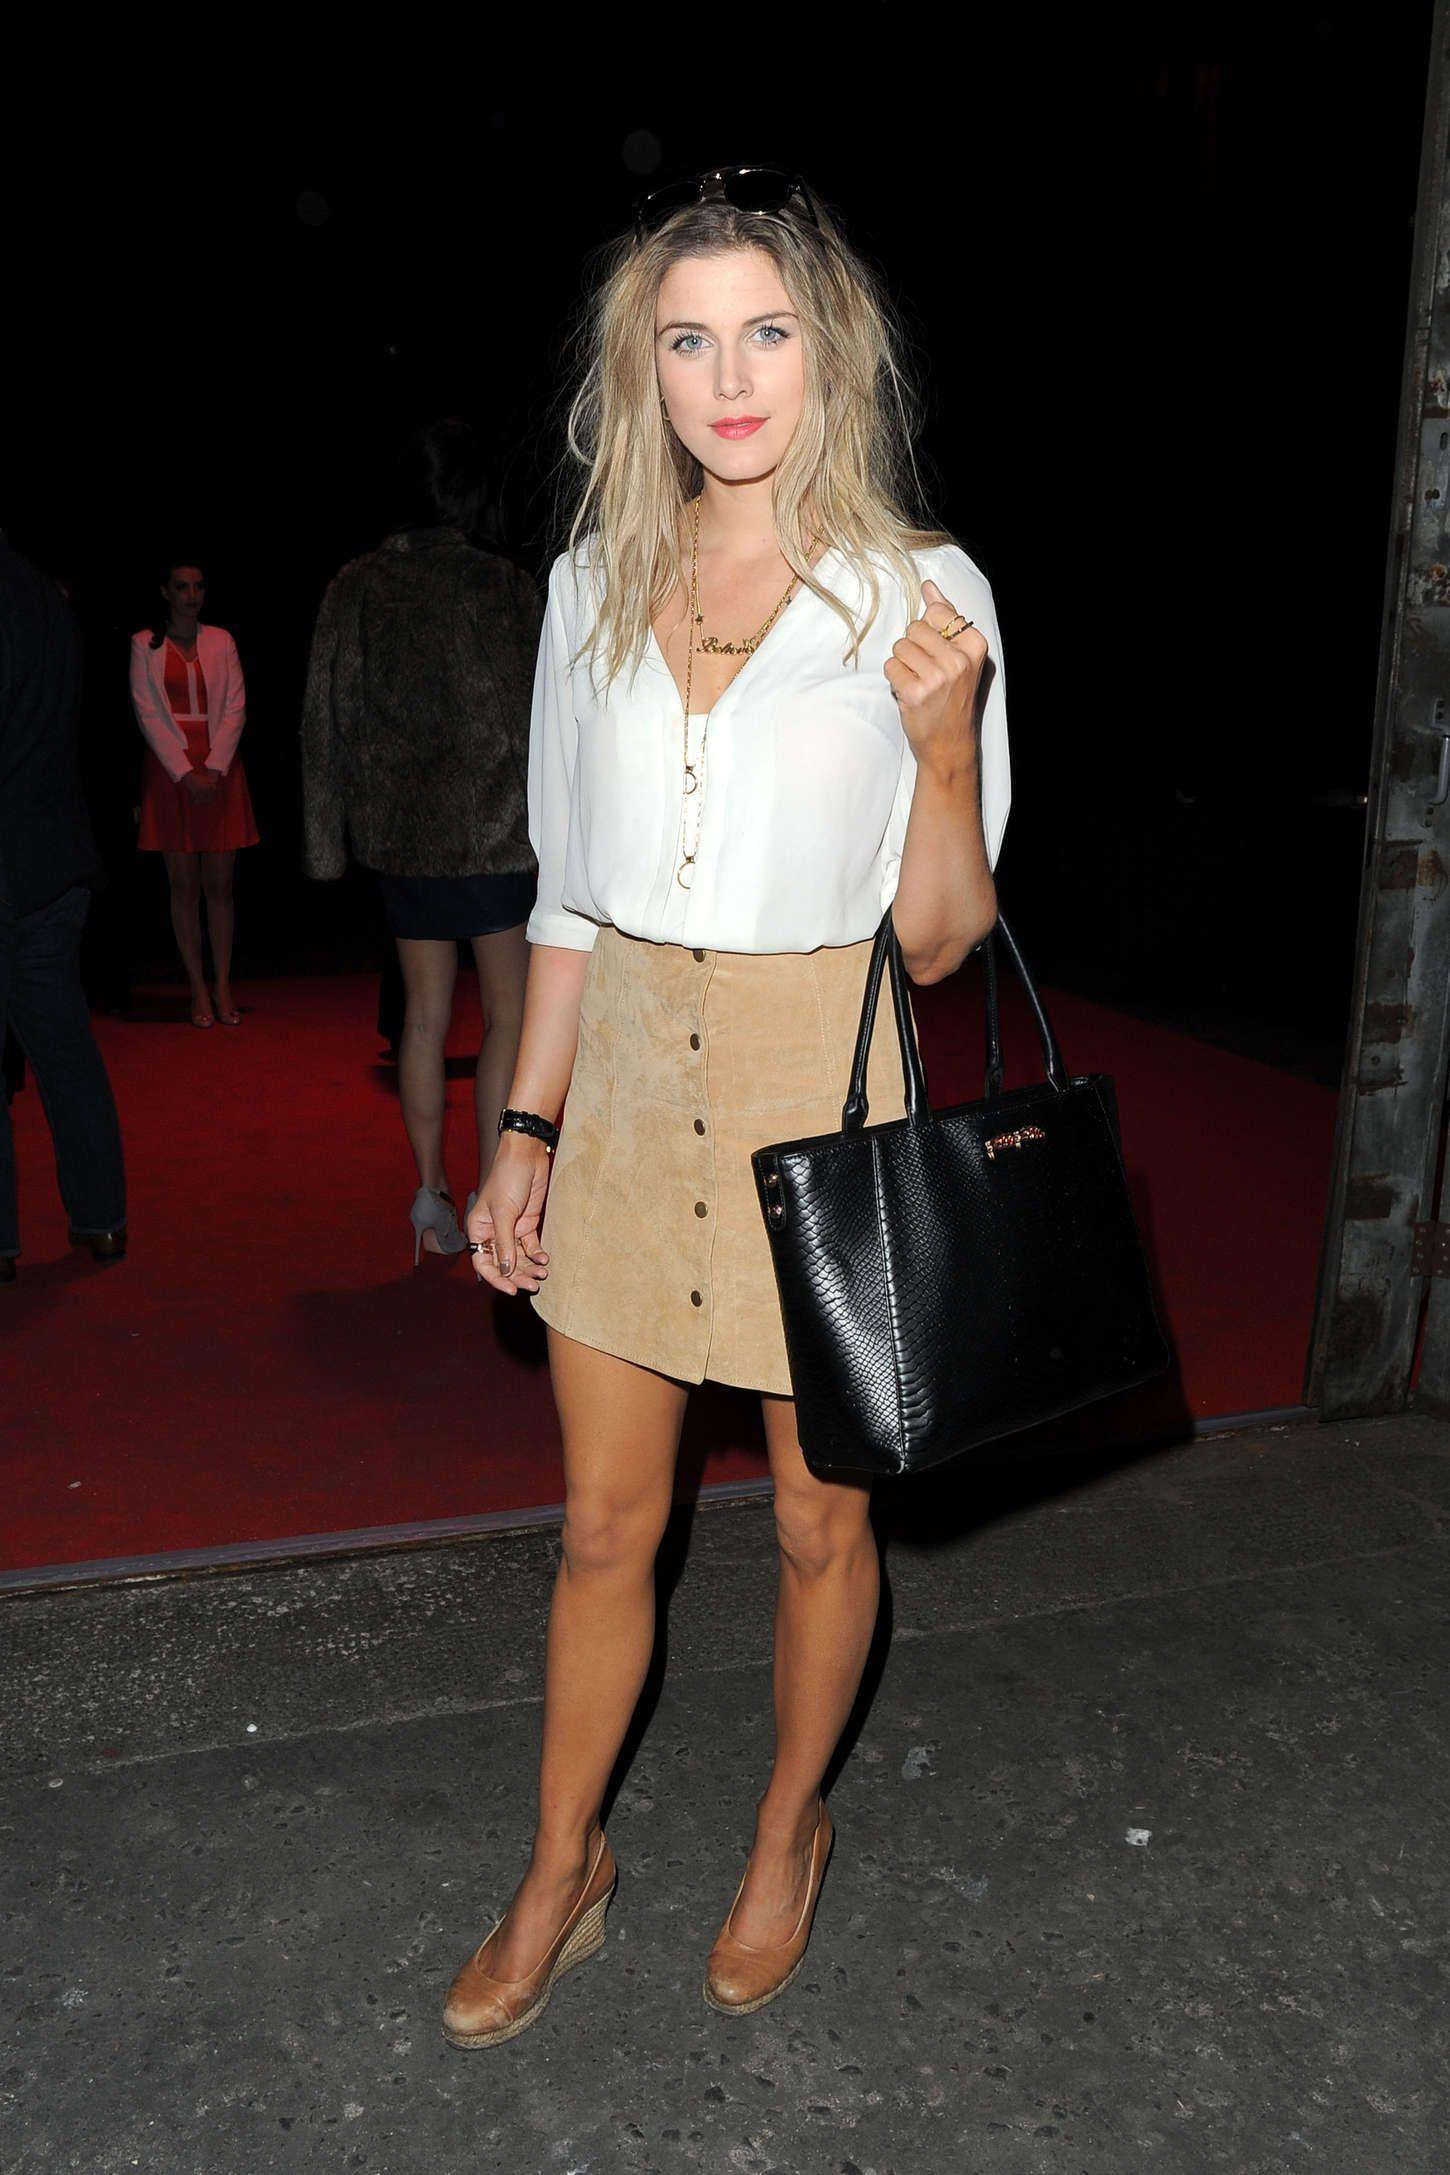 Ashley james red carpet dresses pinterest ferrari in london